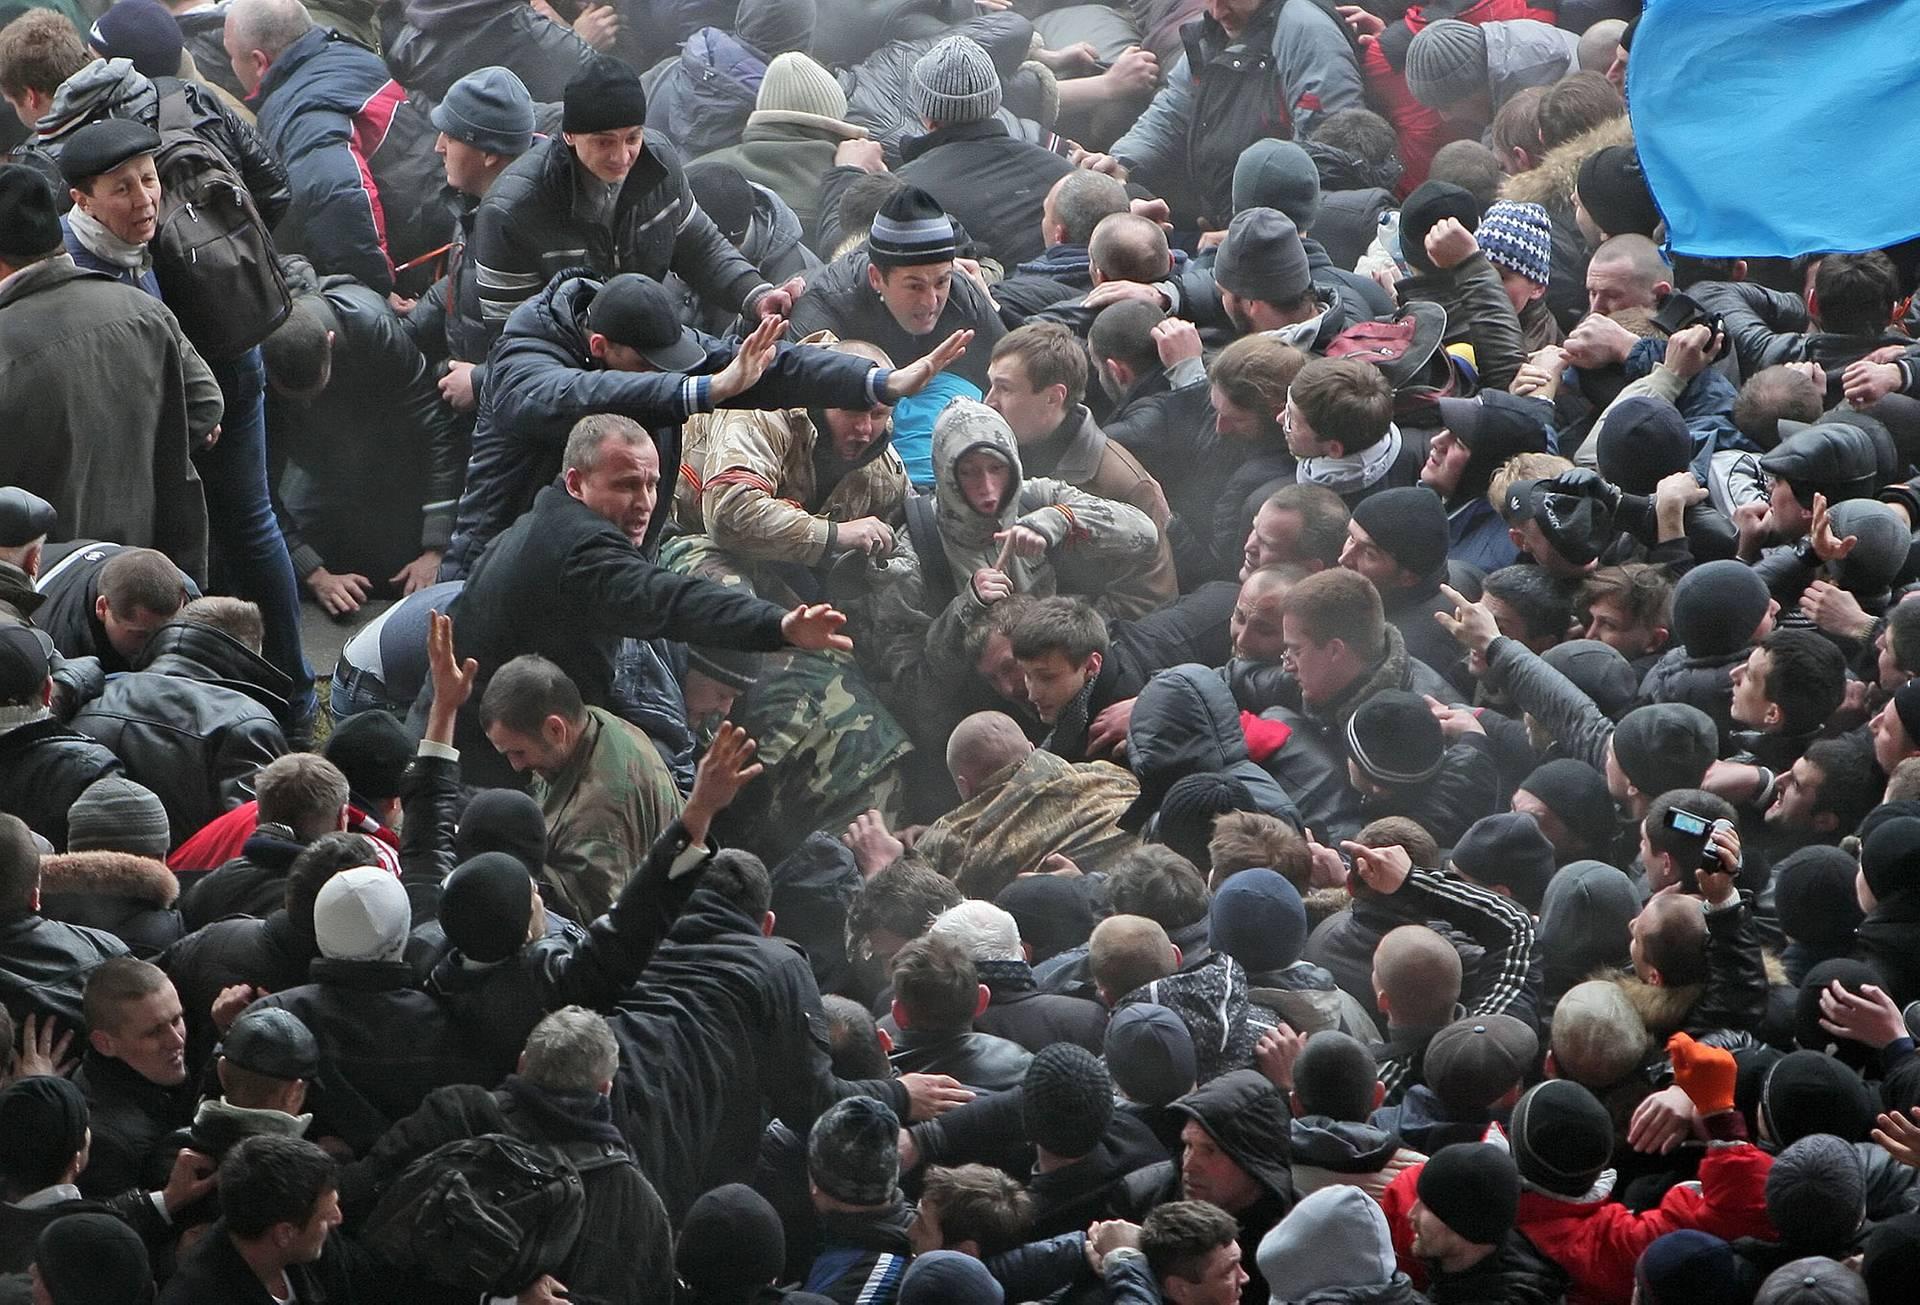 Протистояння між прихильниками єдності України та проросійськими активістами біля Верховної Ради Криму у Сімферополі, Україна, 26 лютого 2014 року